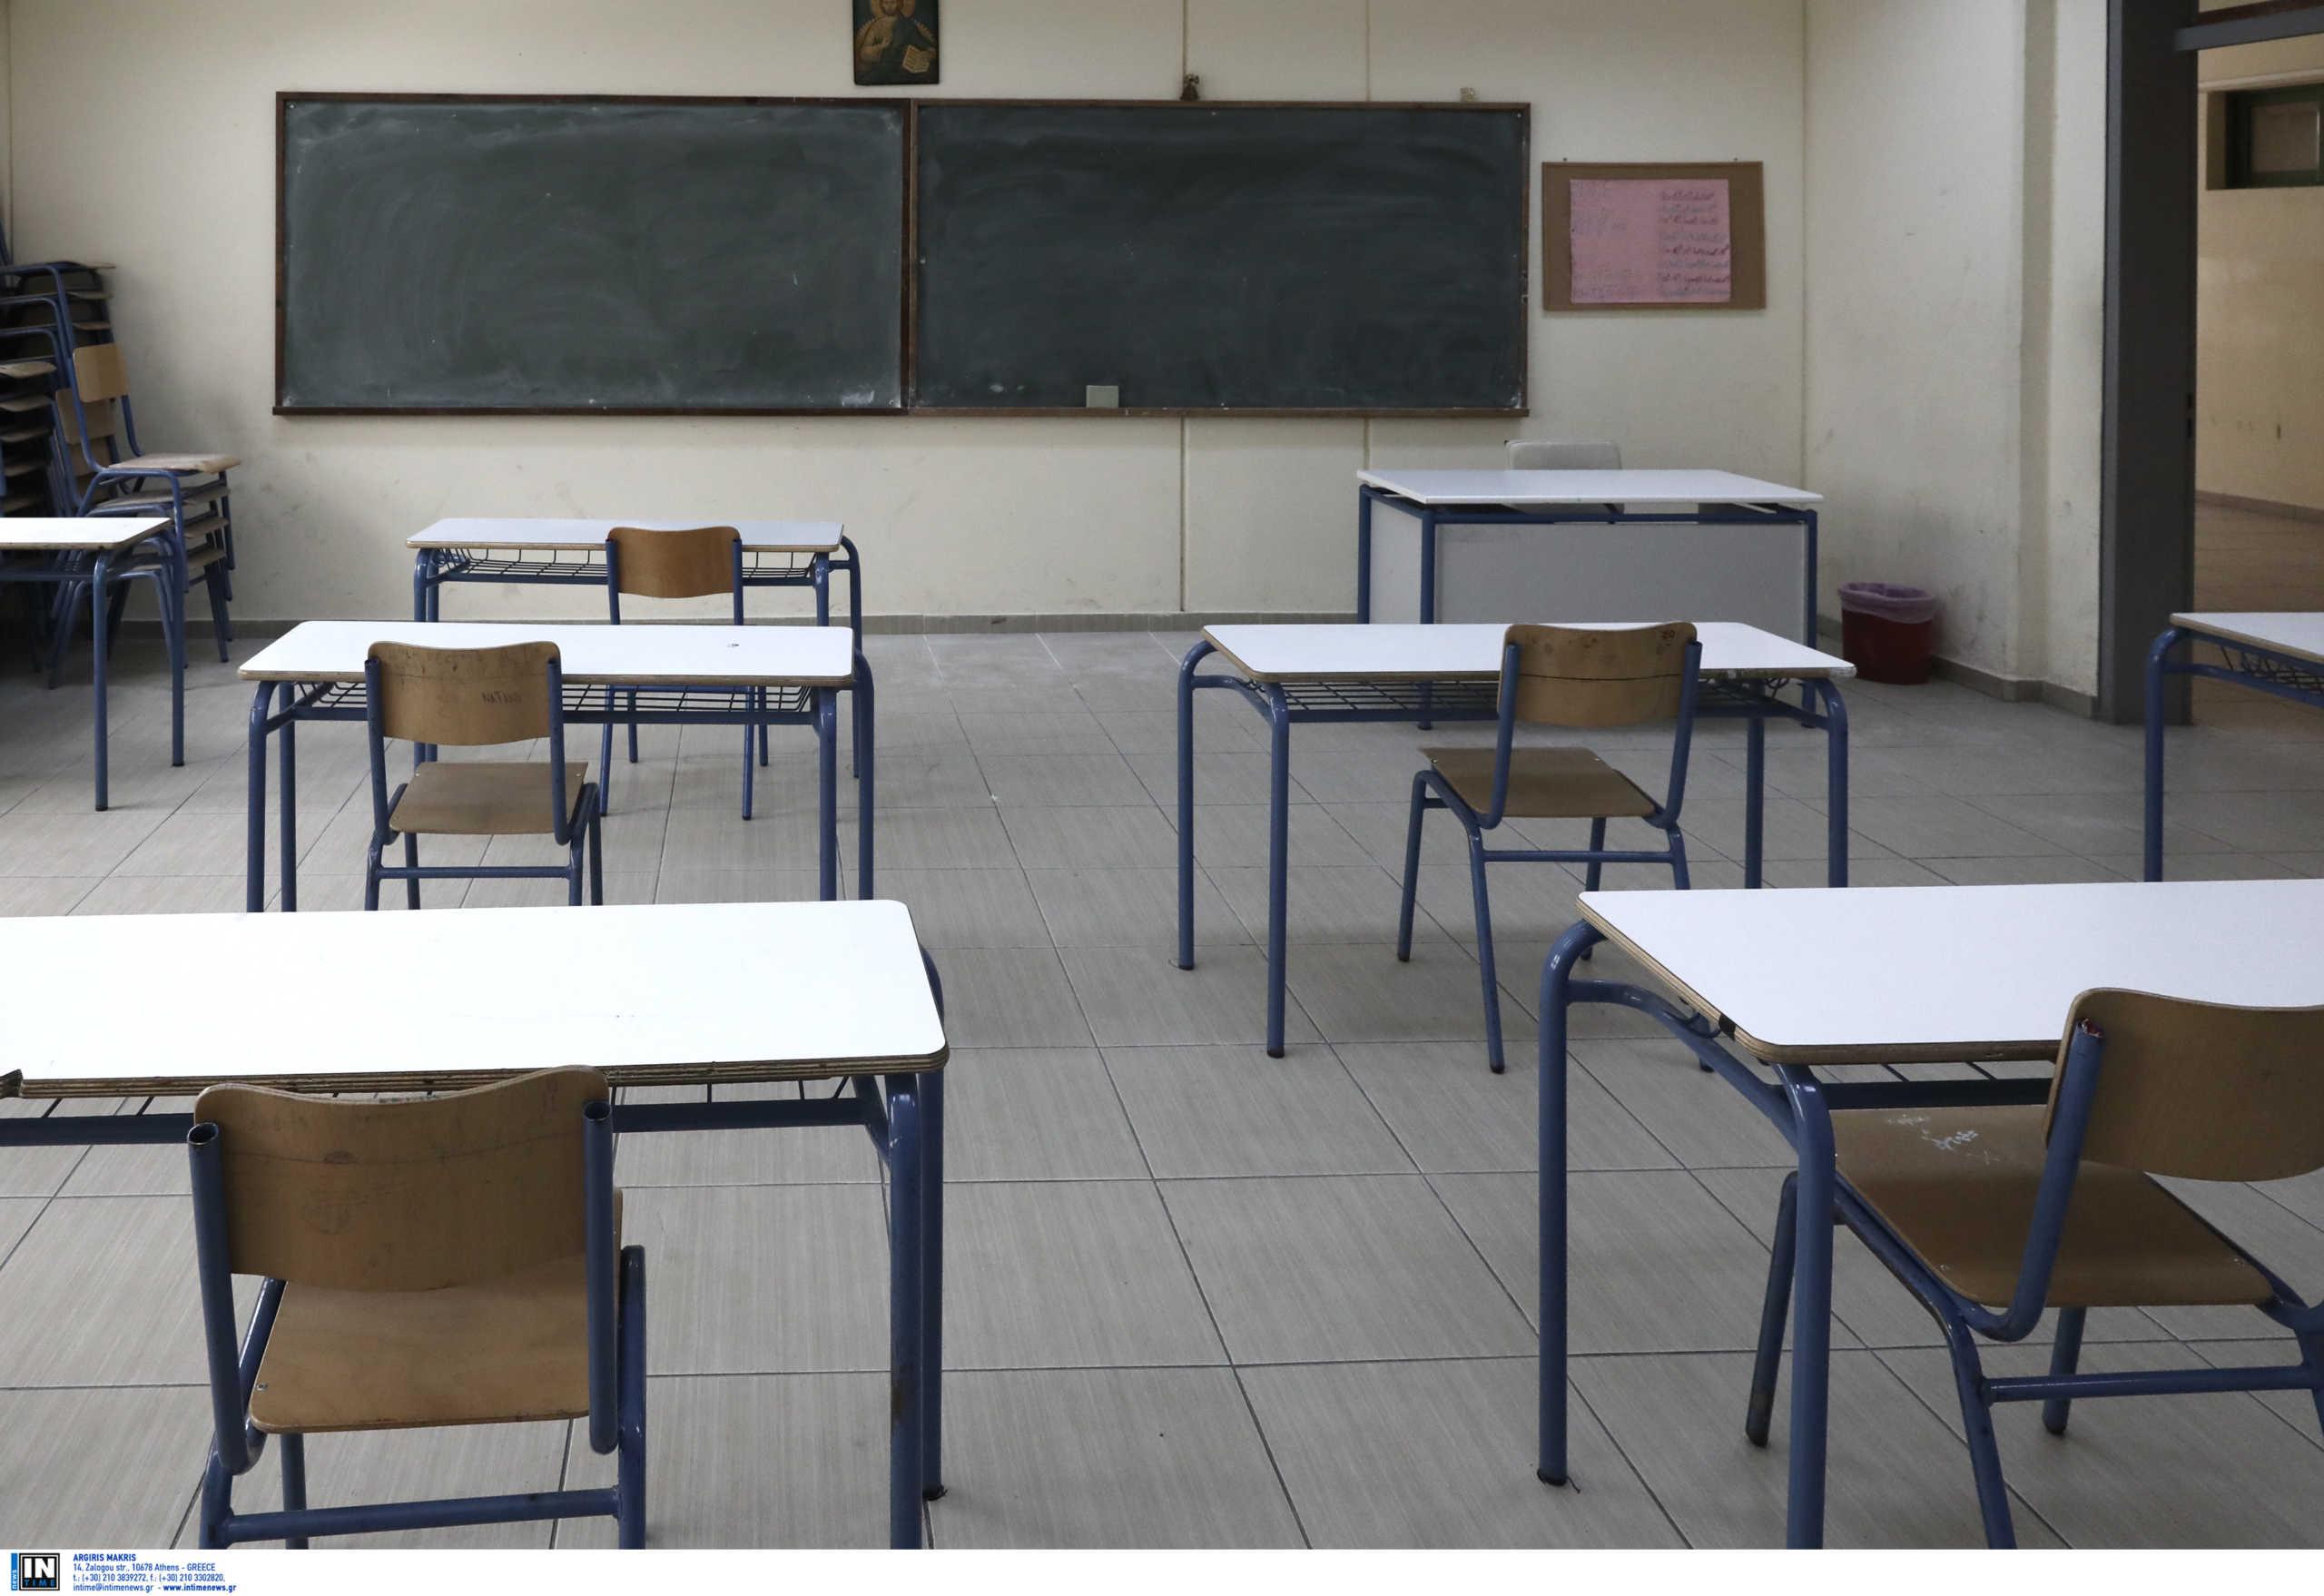 Ηλιούπολη: Νέες αποκαλύψεις για τον καθηγητή Φυσικής – Κοινό μυστικό στο σχολείο η σχέση του με την 14χρονη